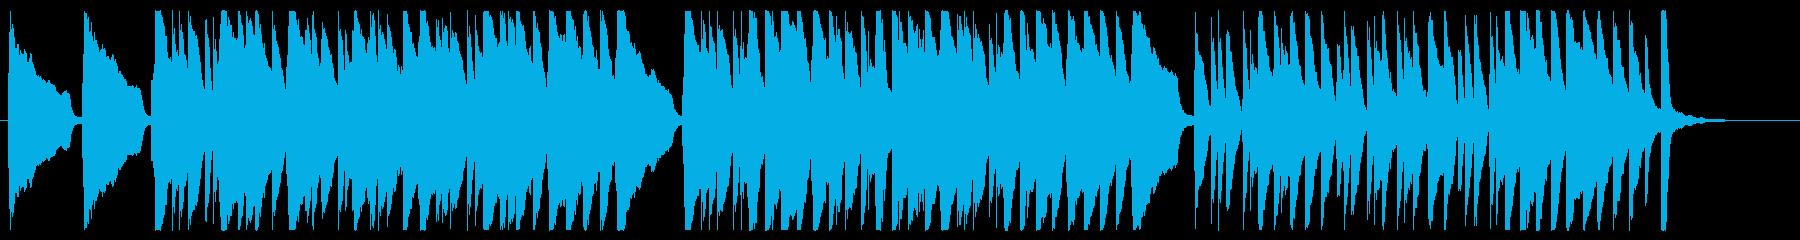 十人のインディアン ピアノver.の再生済みの波形